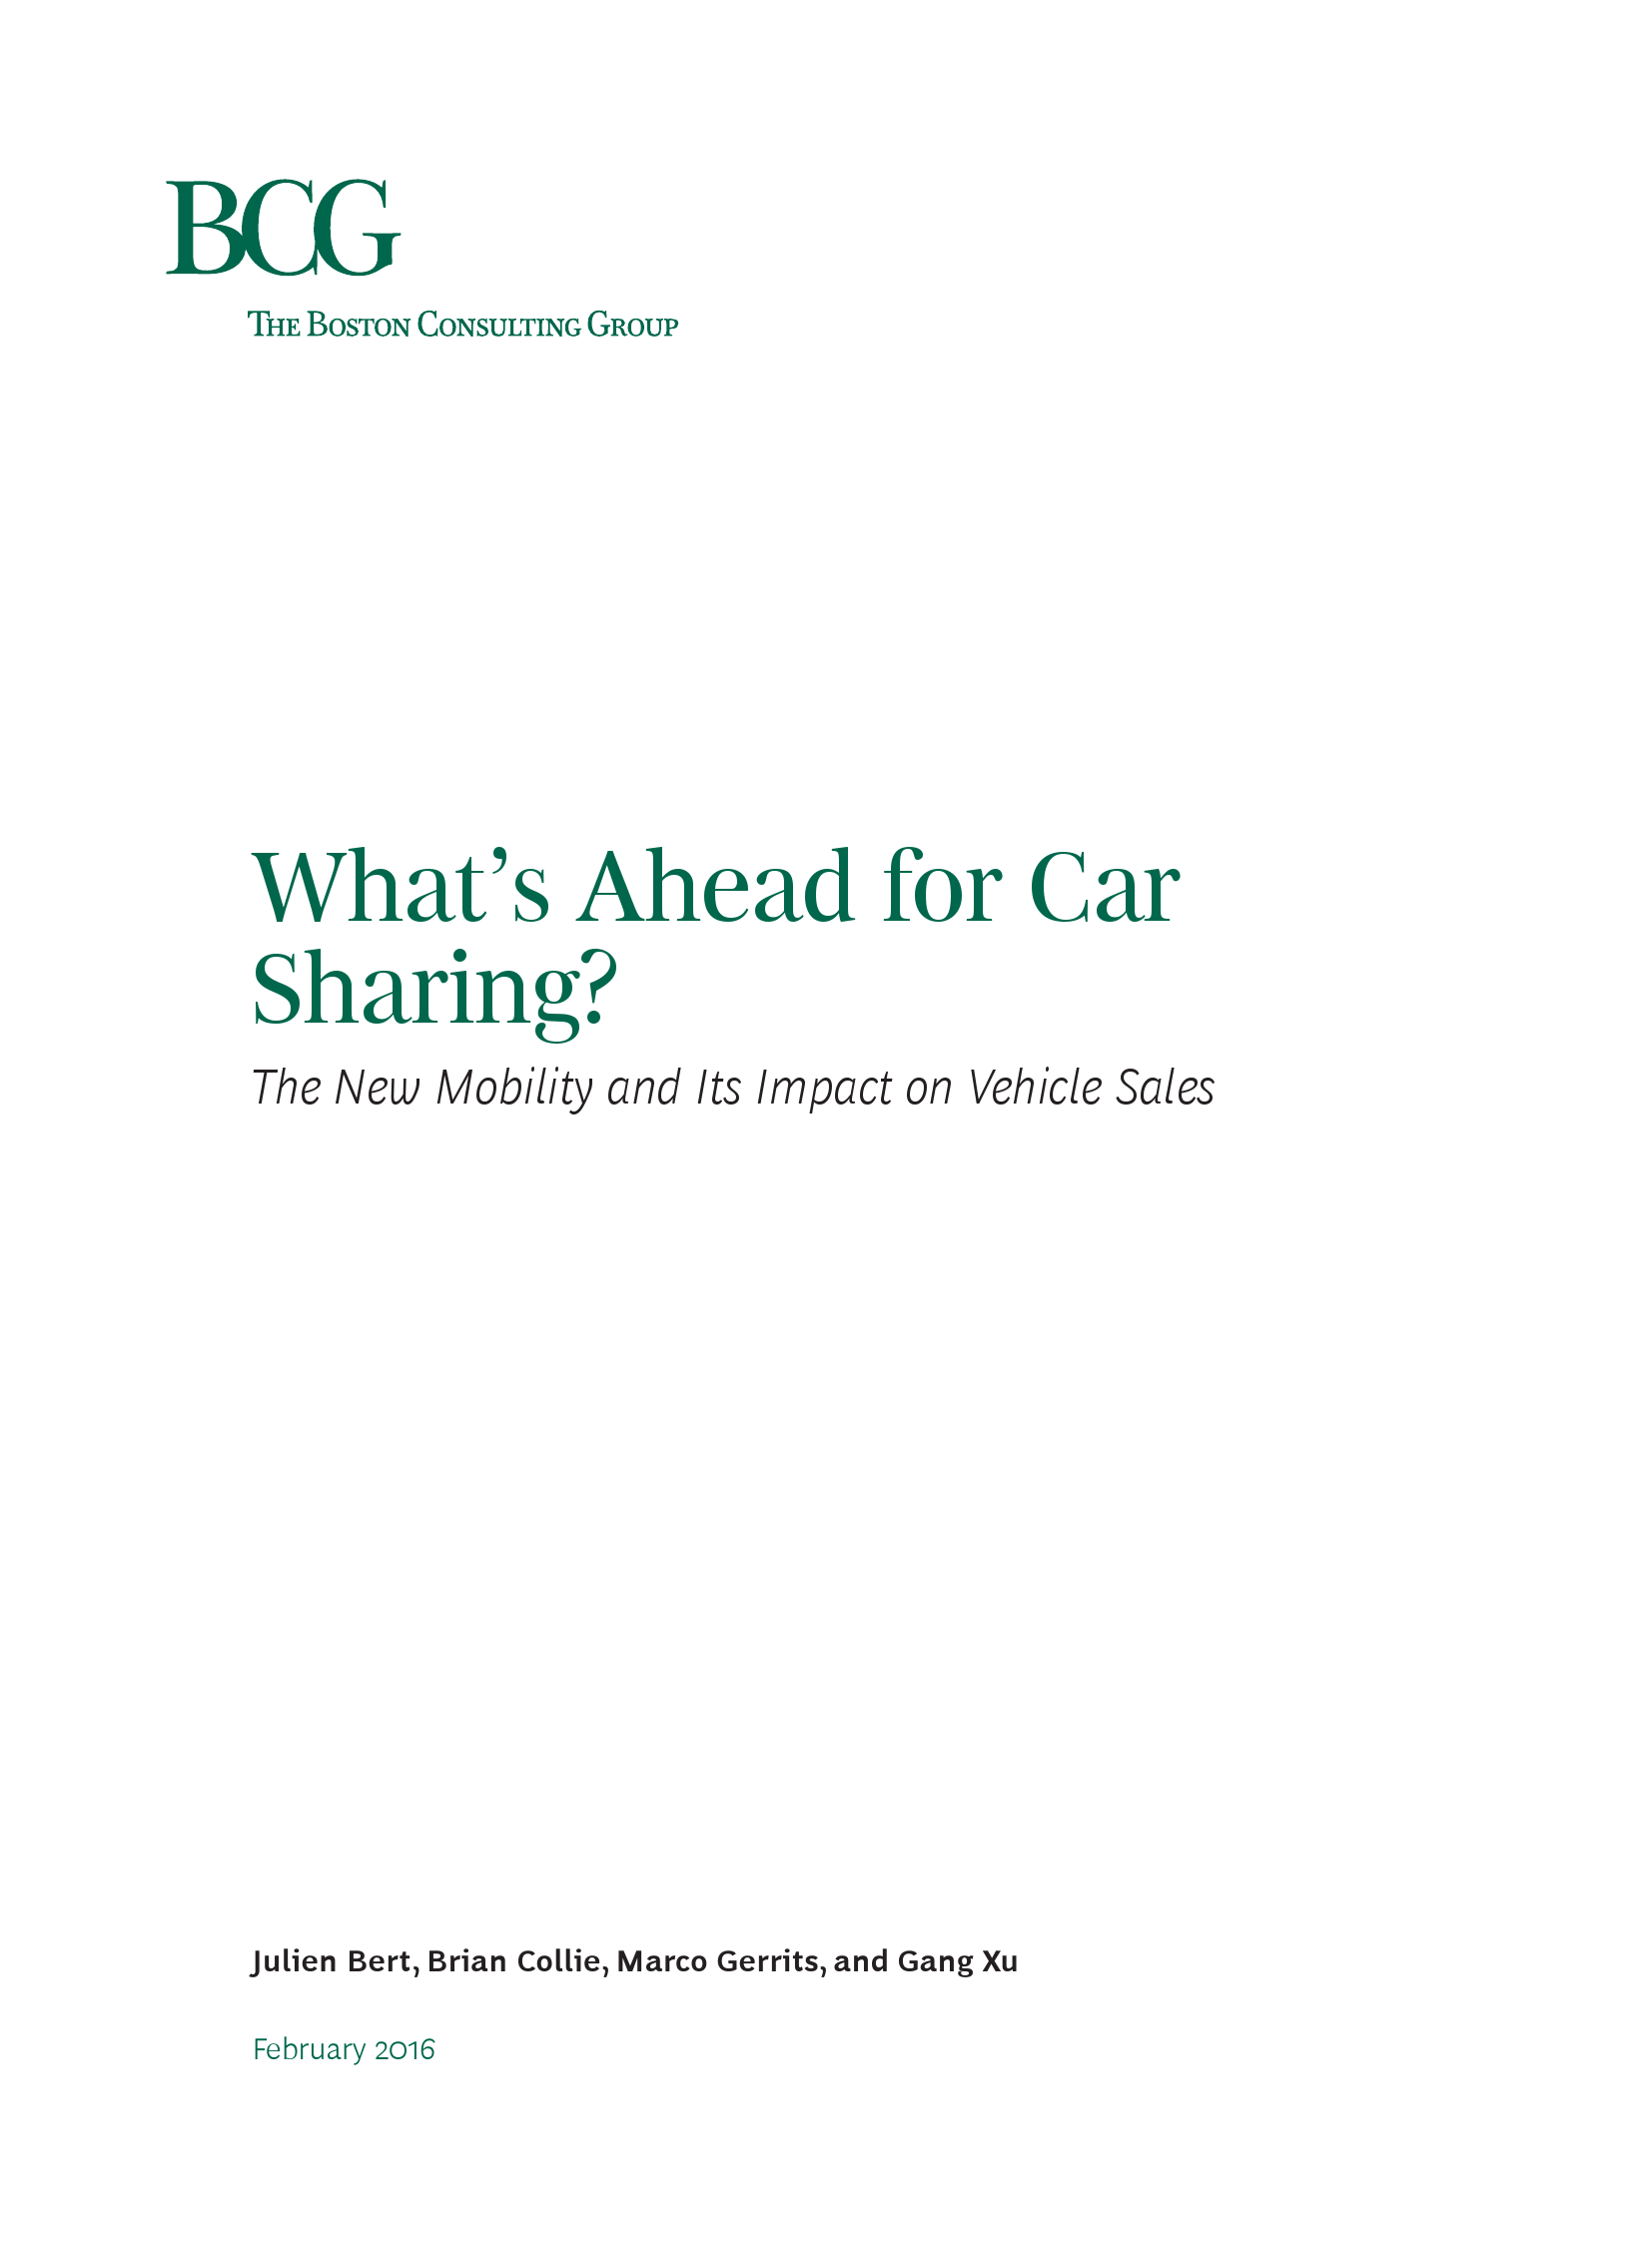 汽车共享新前景:新型出行方式对汽车销量的影响_000003